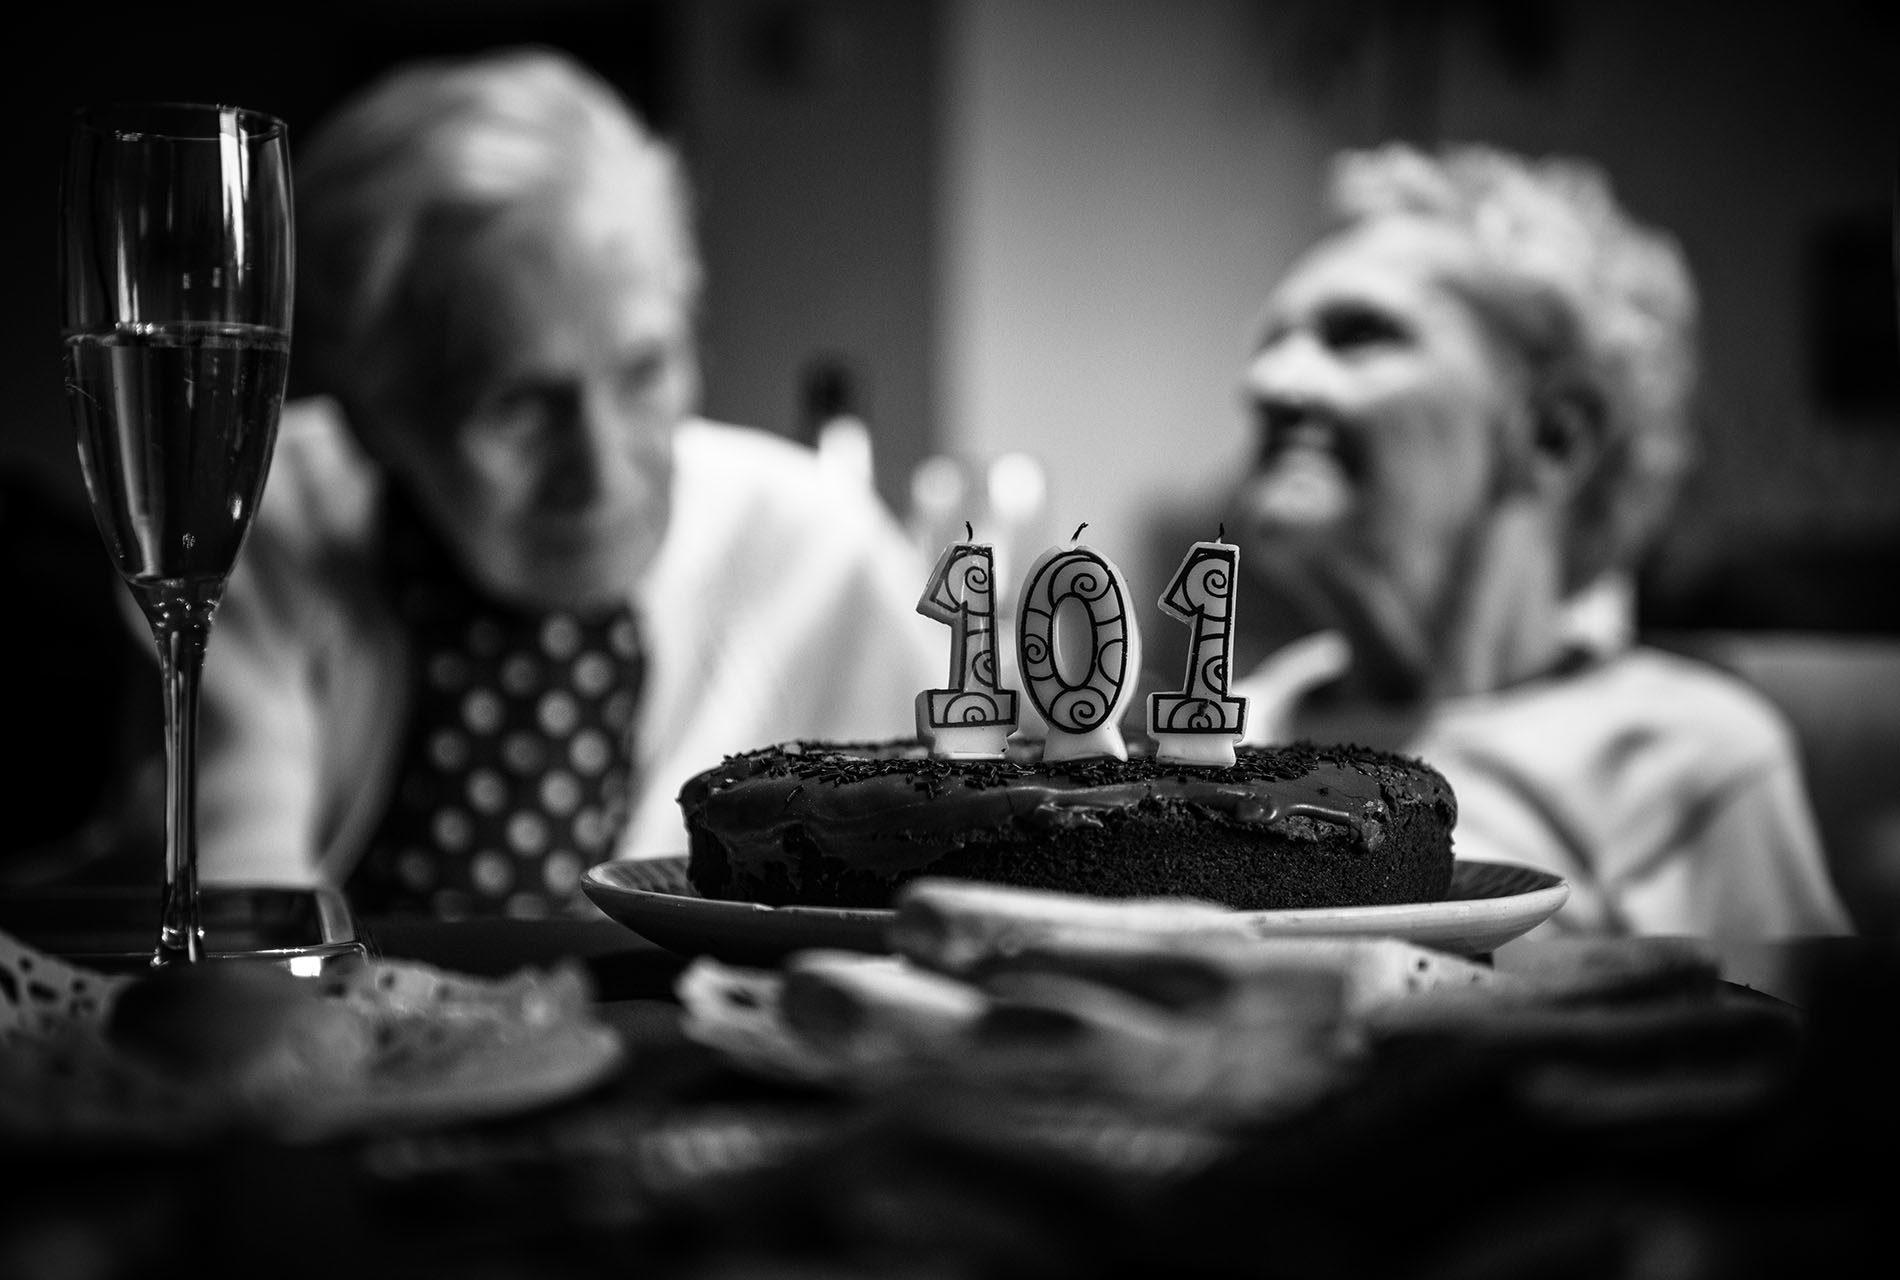 photographe-ile-de-france-projet-centenaires-et-des-roses-val-de-marne-portraits-maya-angelsen